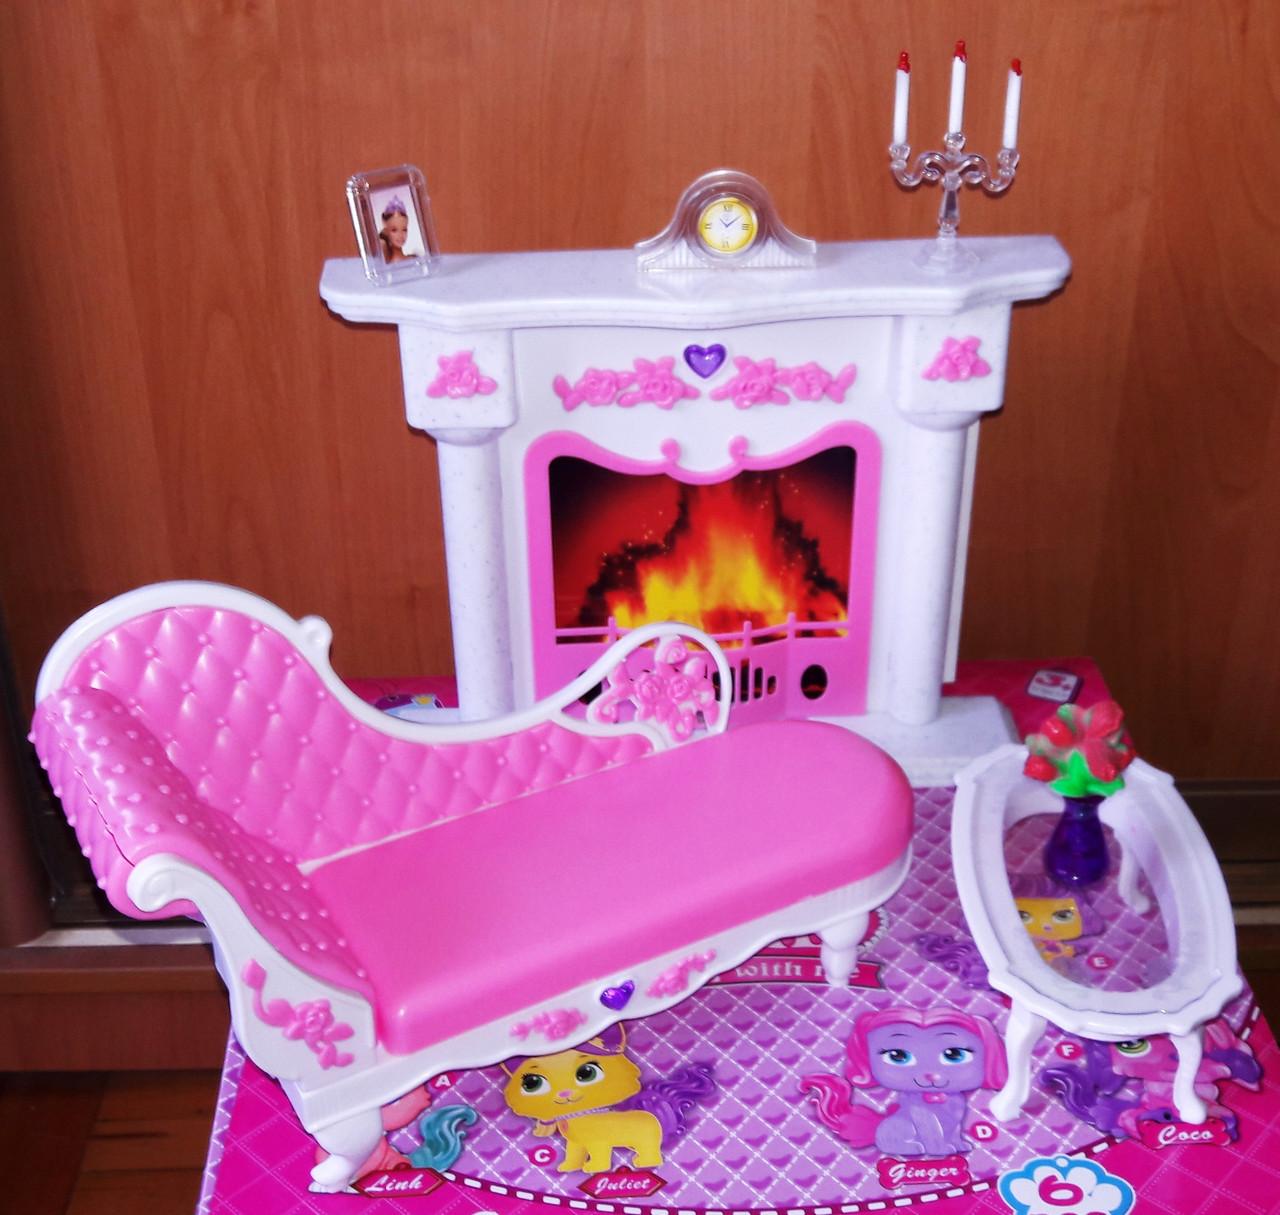 Кукольная мебель Глория Gloria 2618 Камин , оттоманка, столик